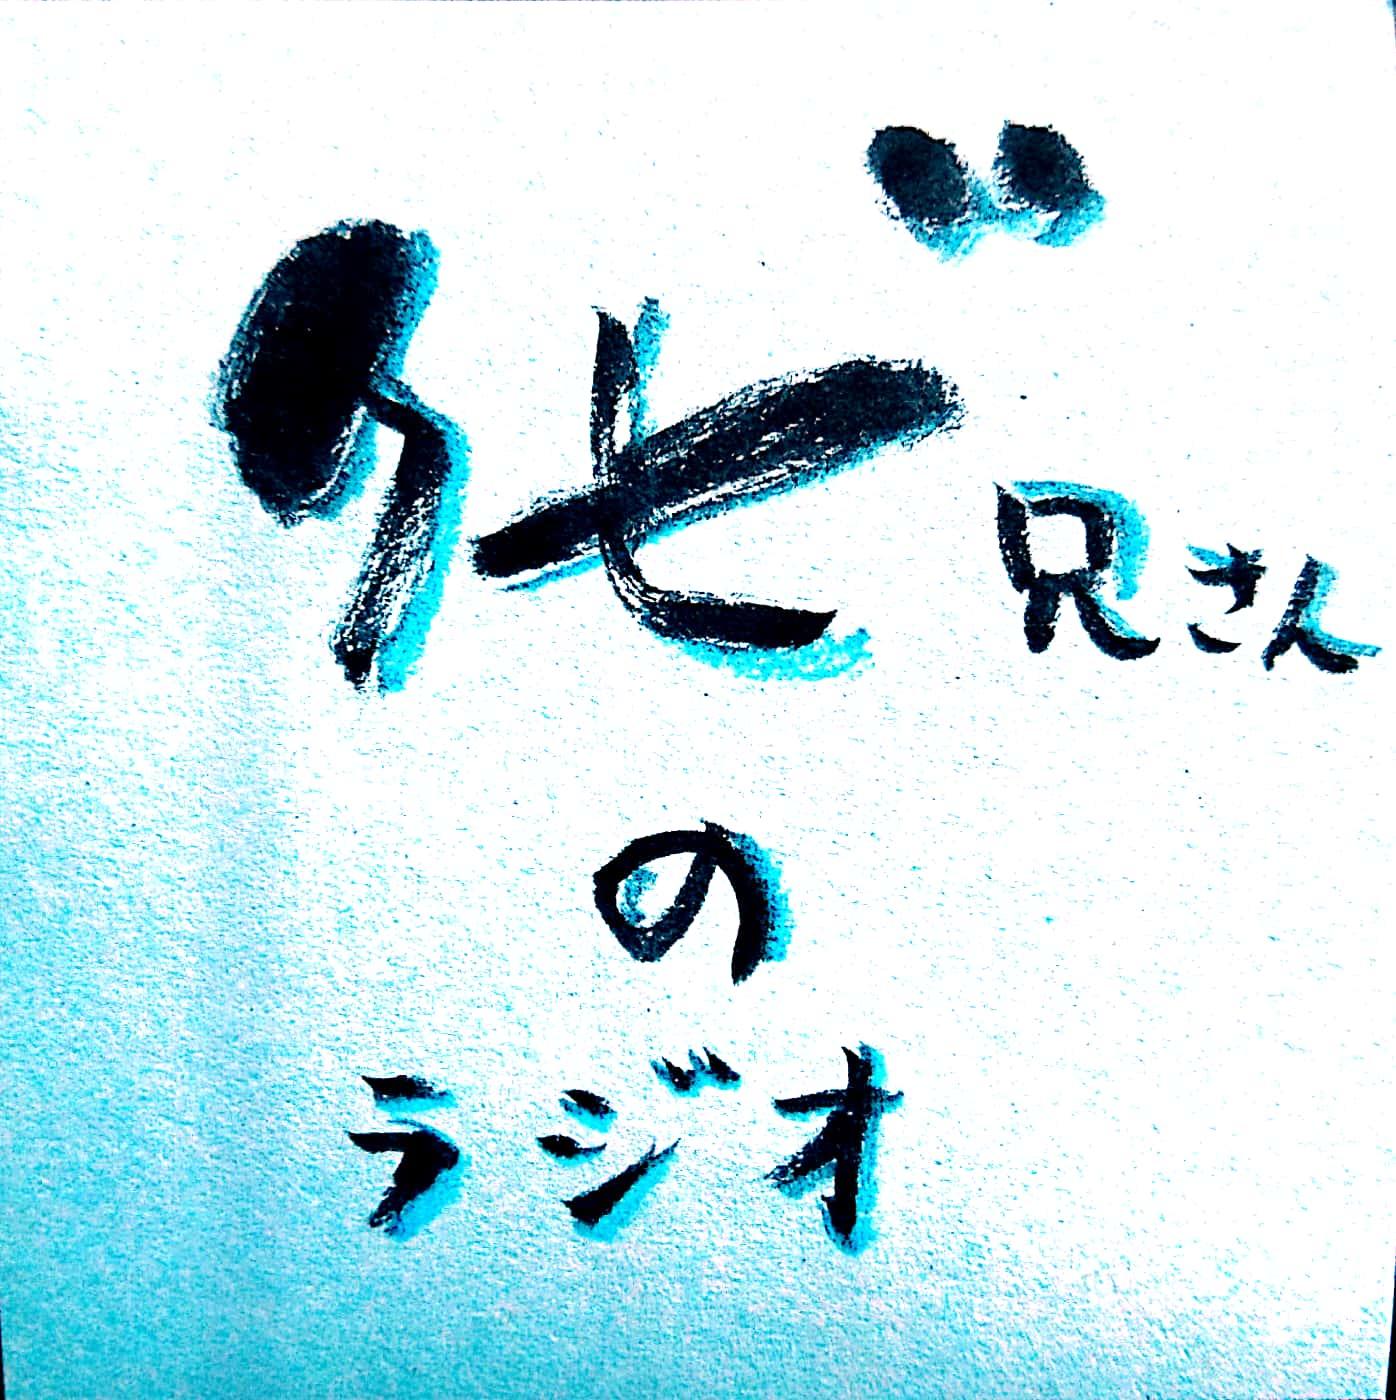 改めて自己紹介とお小遣い金額発表とときどき柳沢慎吾